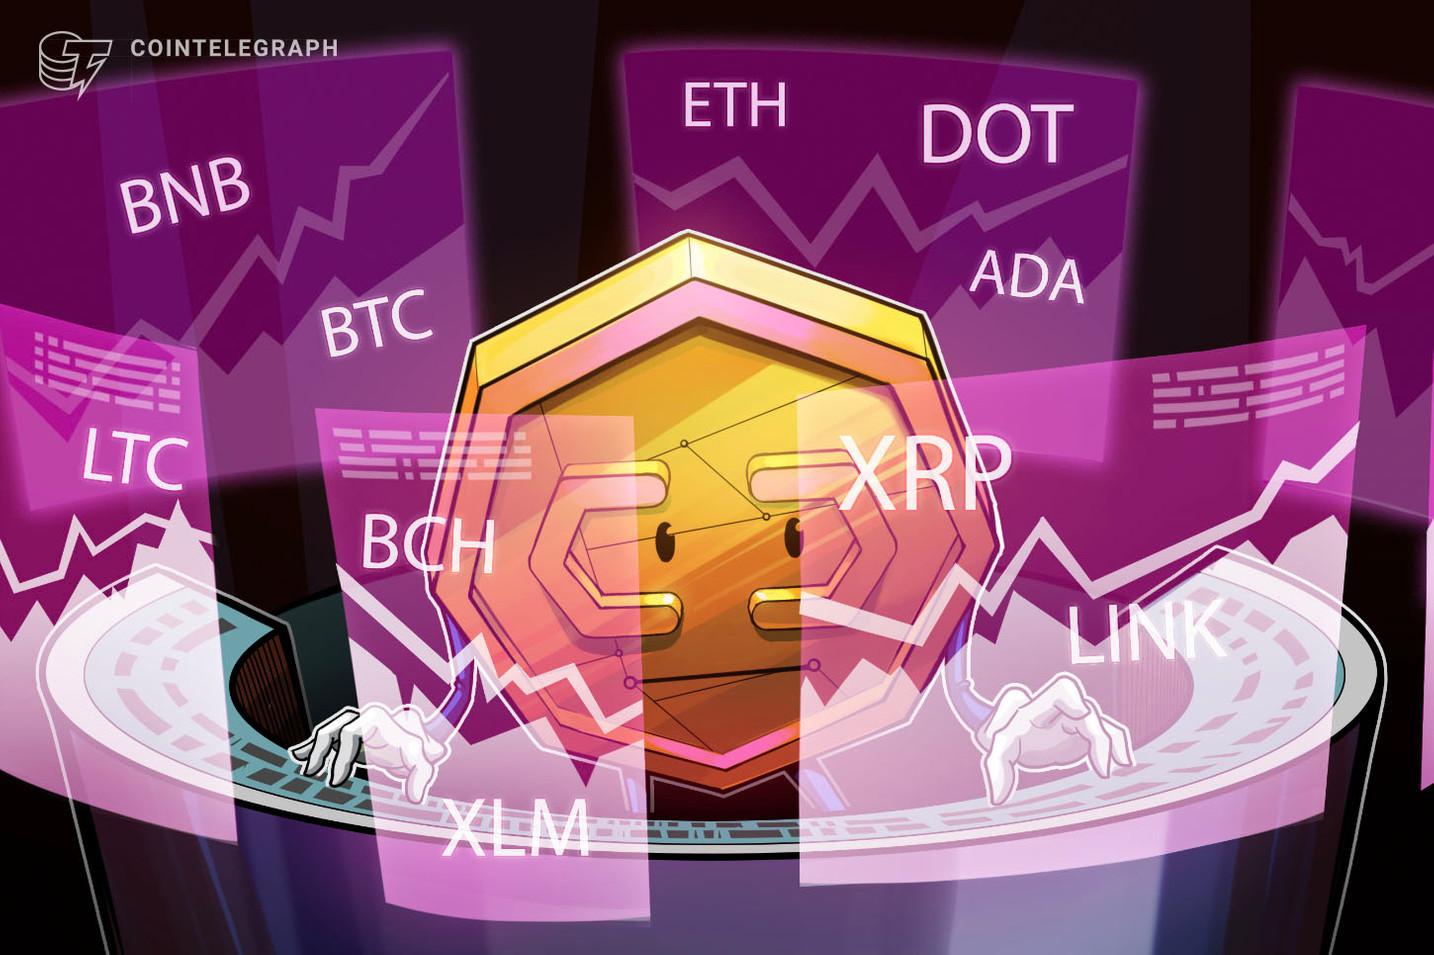 急反発のBTCやアルトコイン 今後の動きは? 仮想通貨チャート分析:ビットコイン・イーサ・XRP(リップル)・ビットコインキャッシュ・ライトコイン